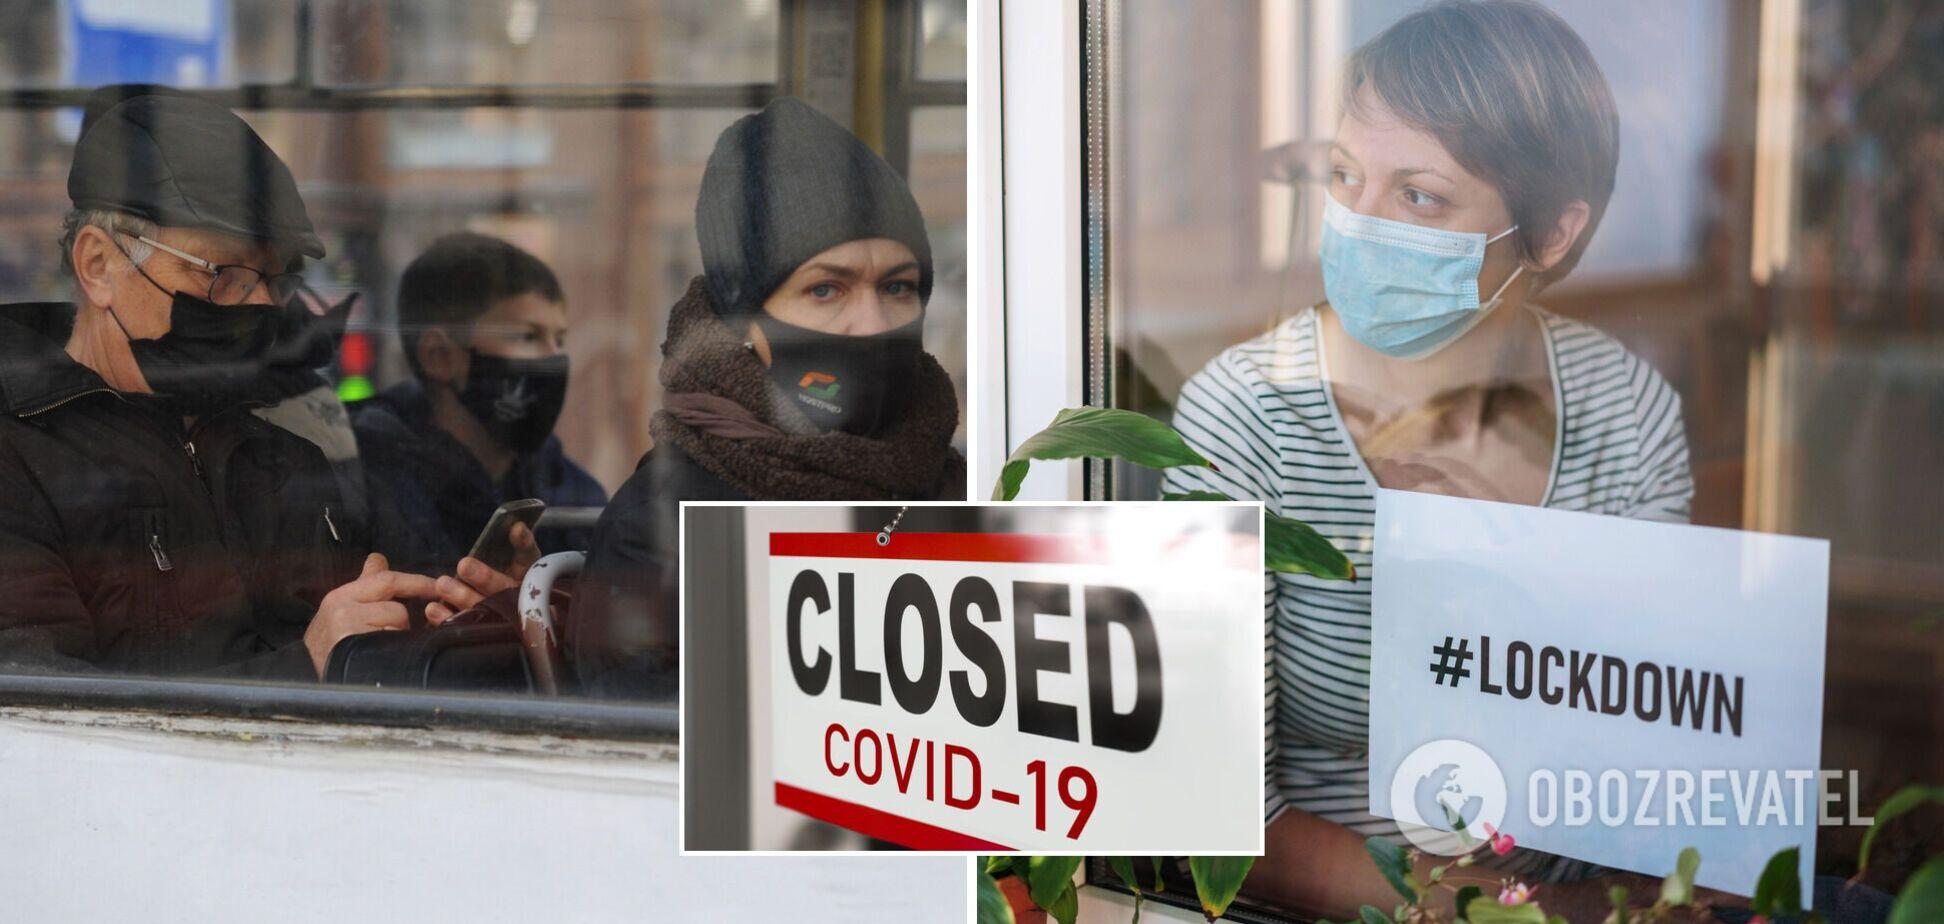 Ще одне місто в Україні закриється на локдаун: що заборонено